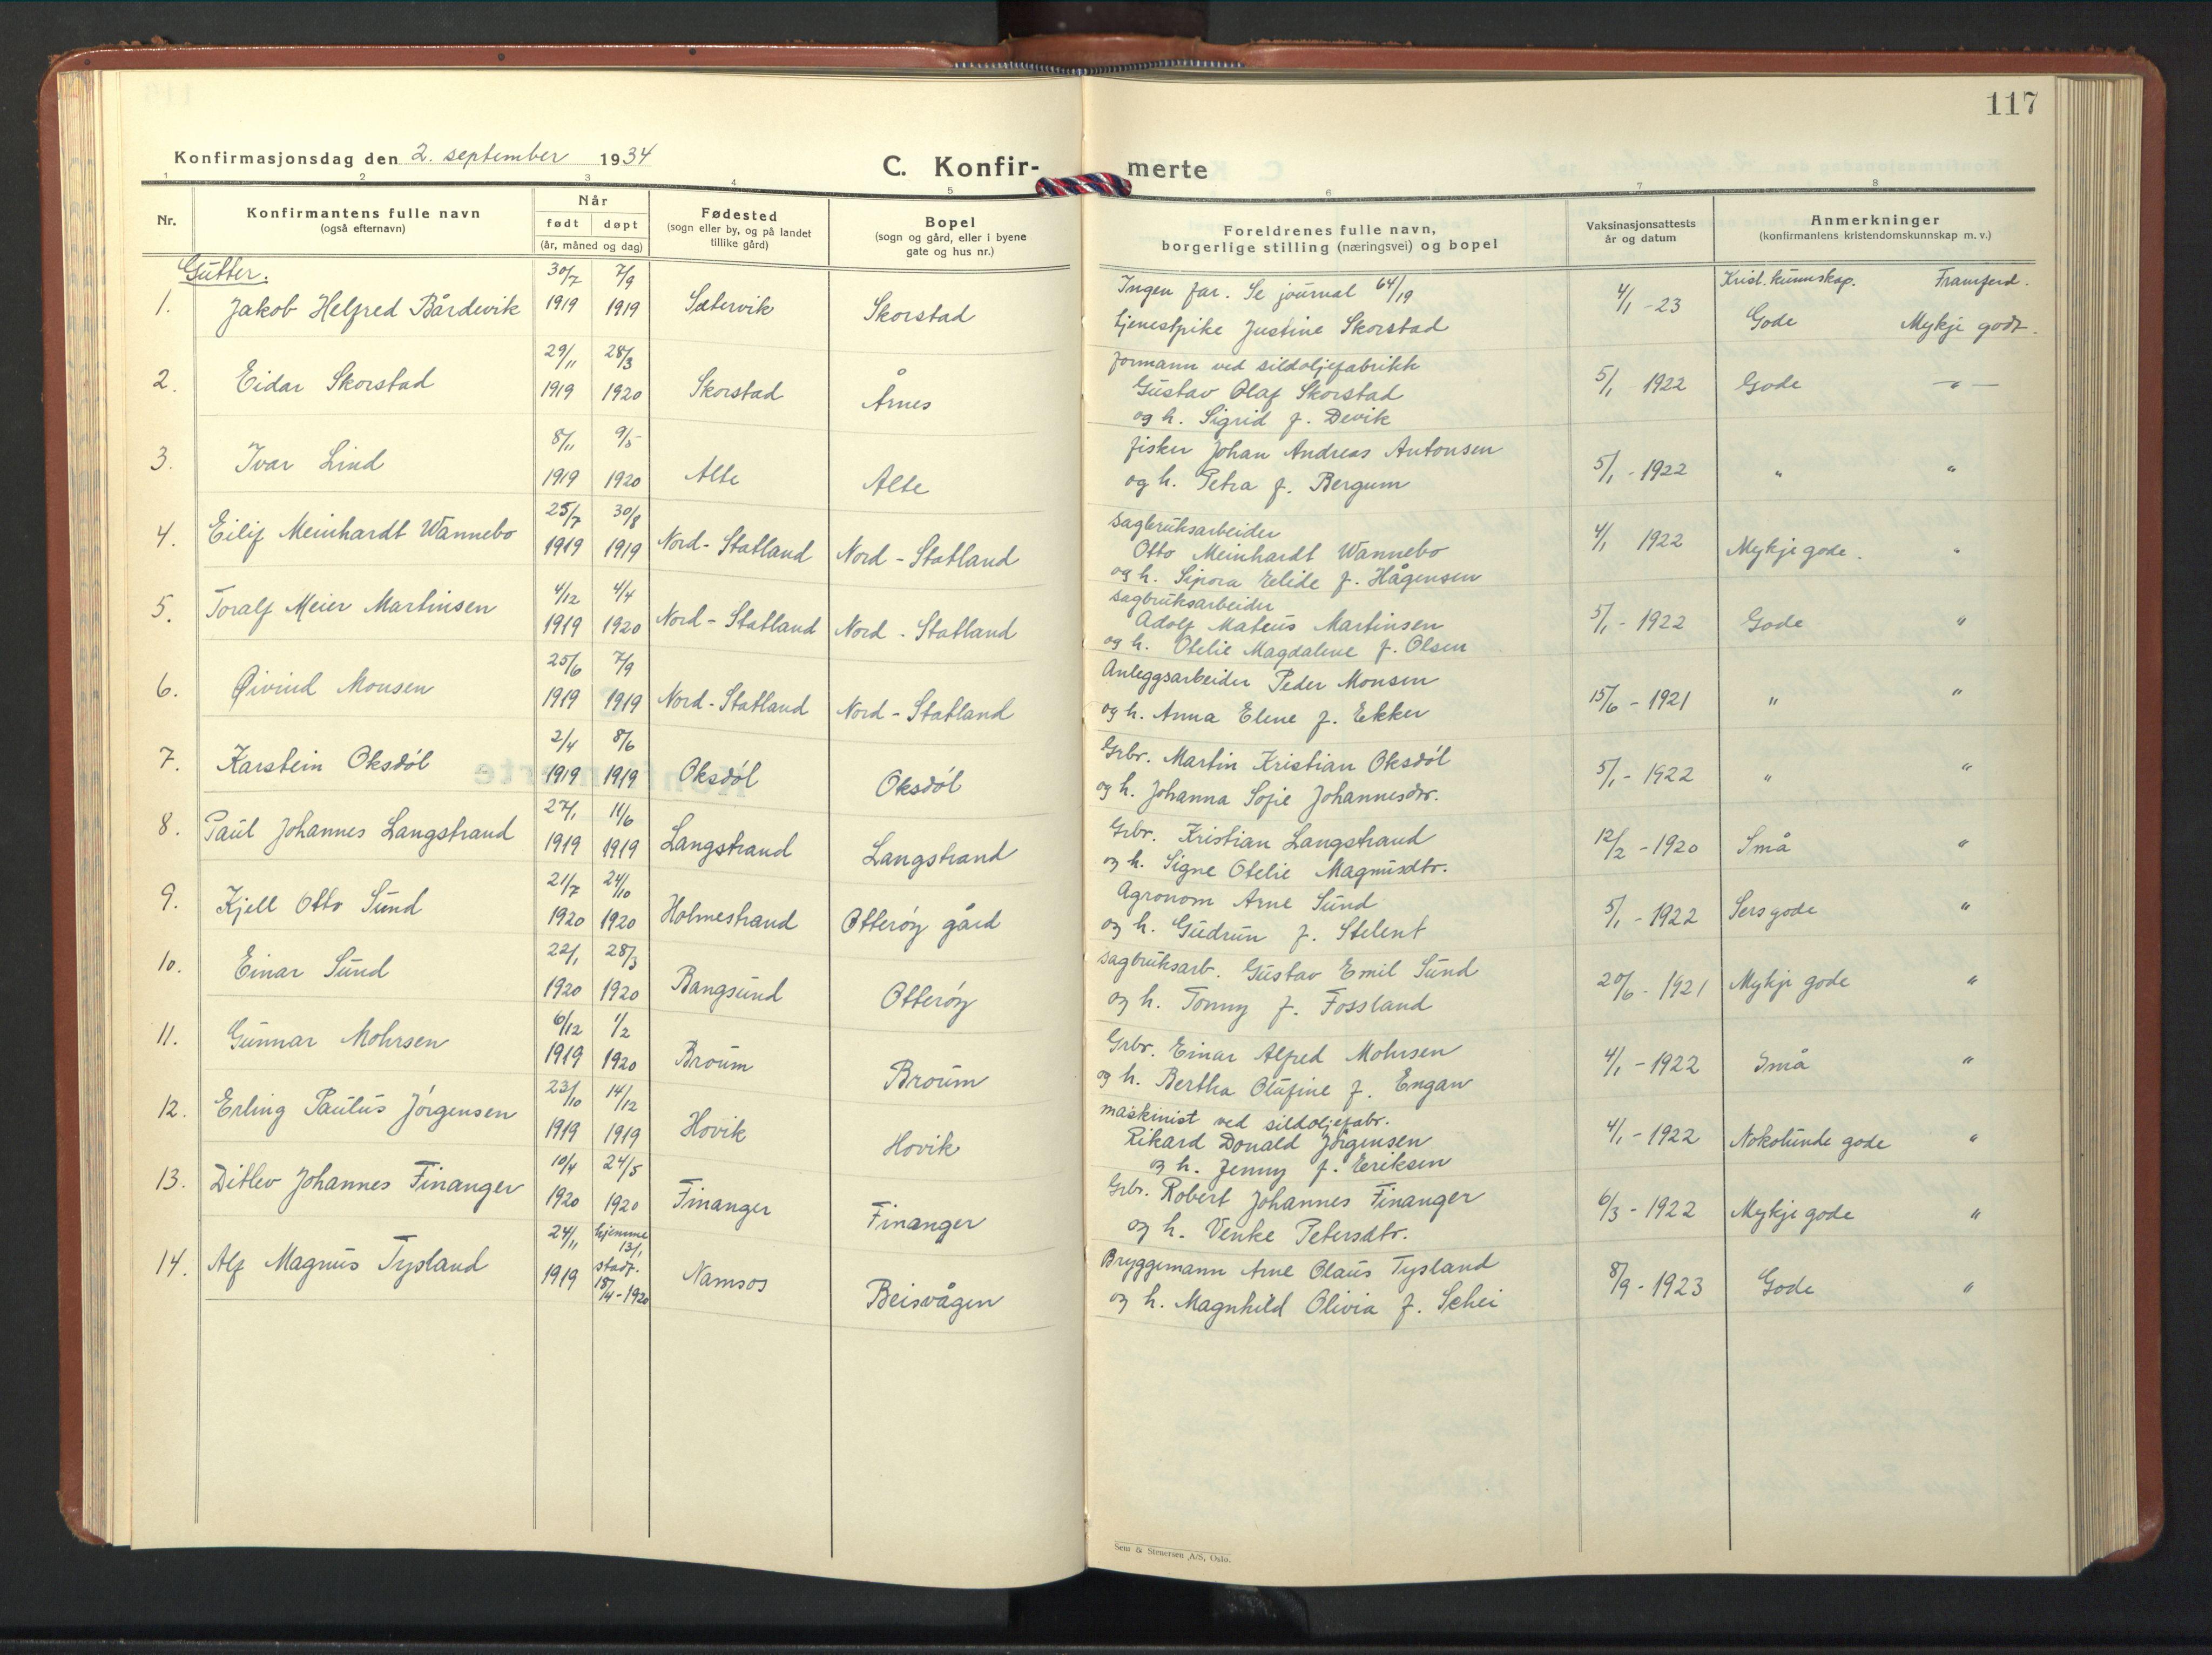 SAT, Ministerialprotokoller, klokkerbøker og fødselsregistre - Nord-Trøndelag, 774/L0631: Klokkerbok nr. 774C02, 1934-1950, s. 117